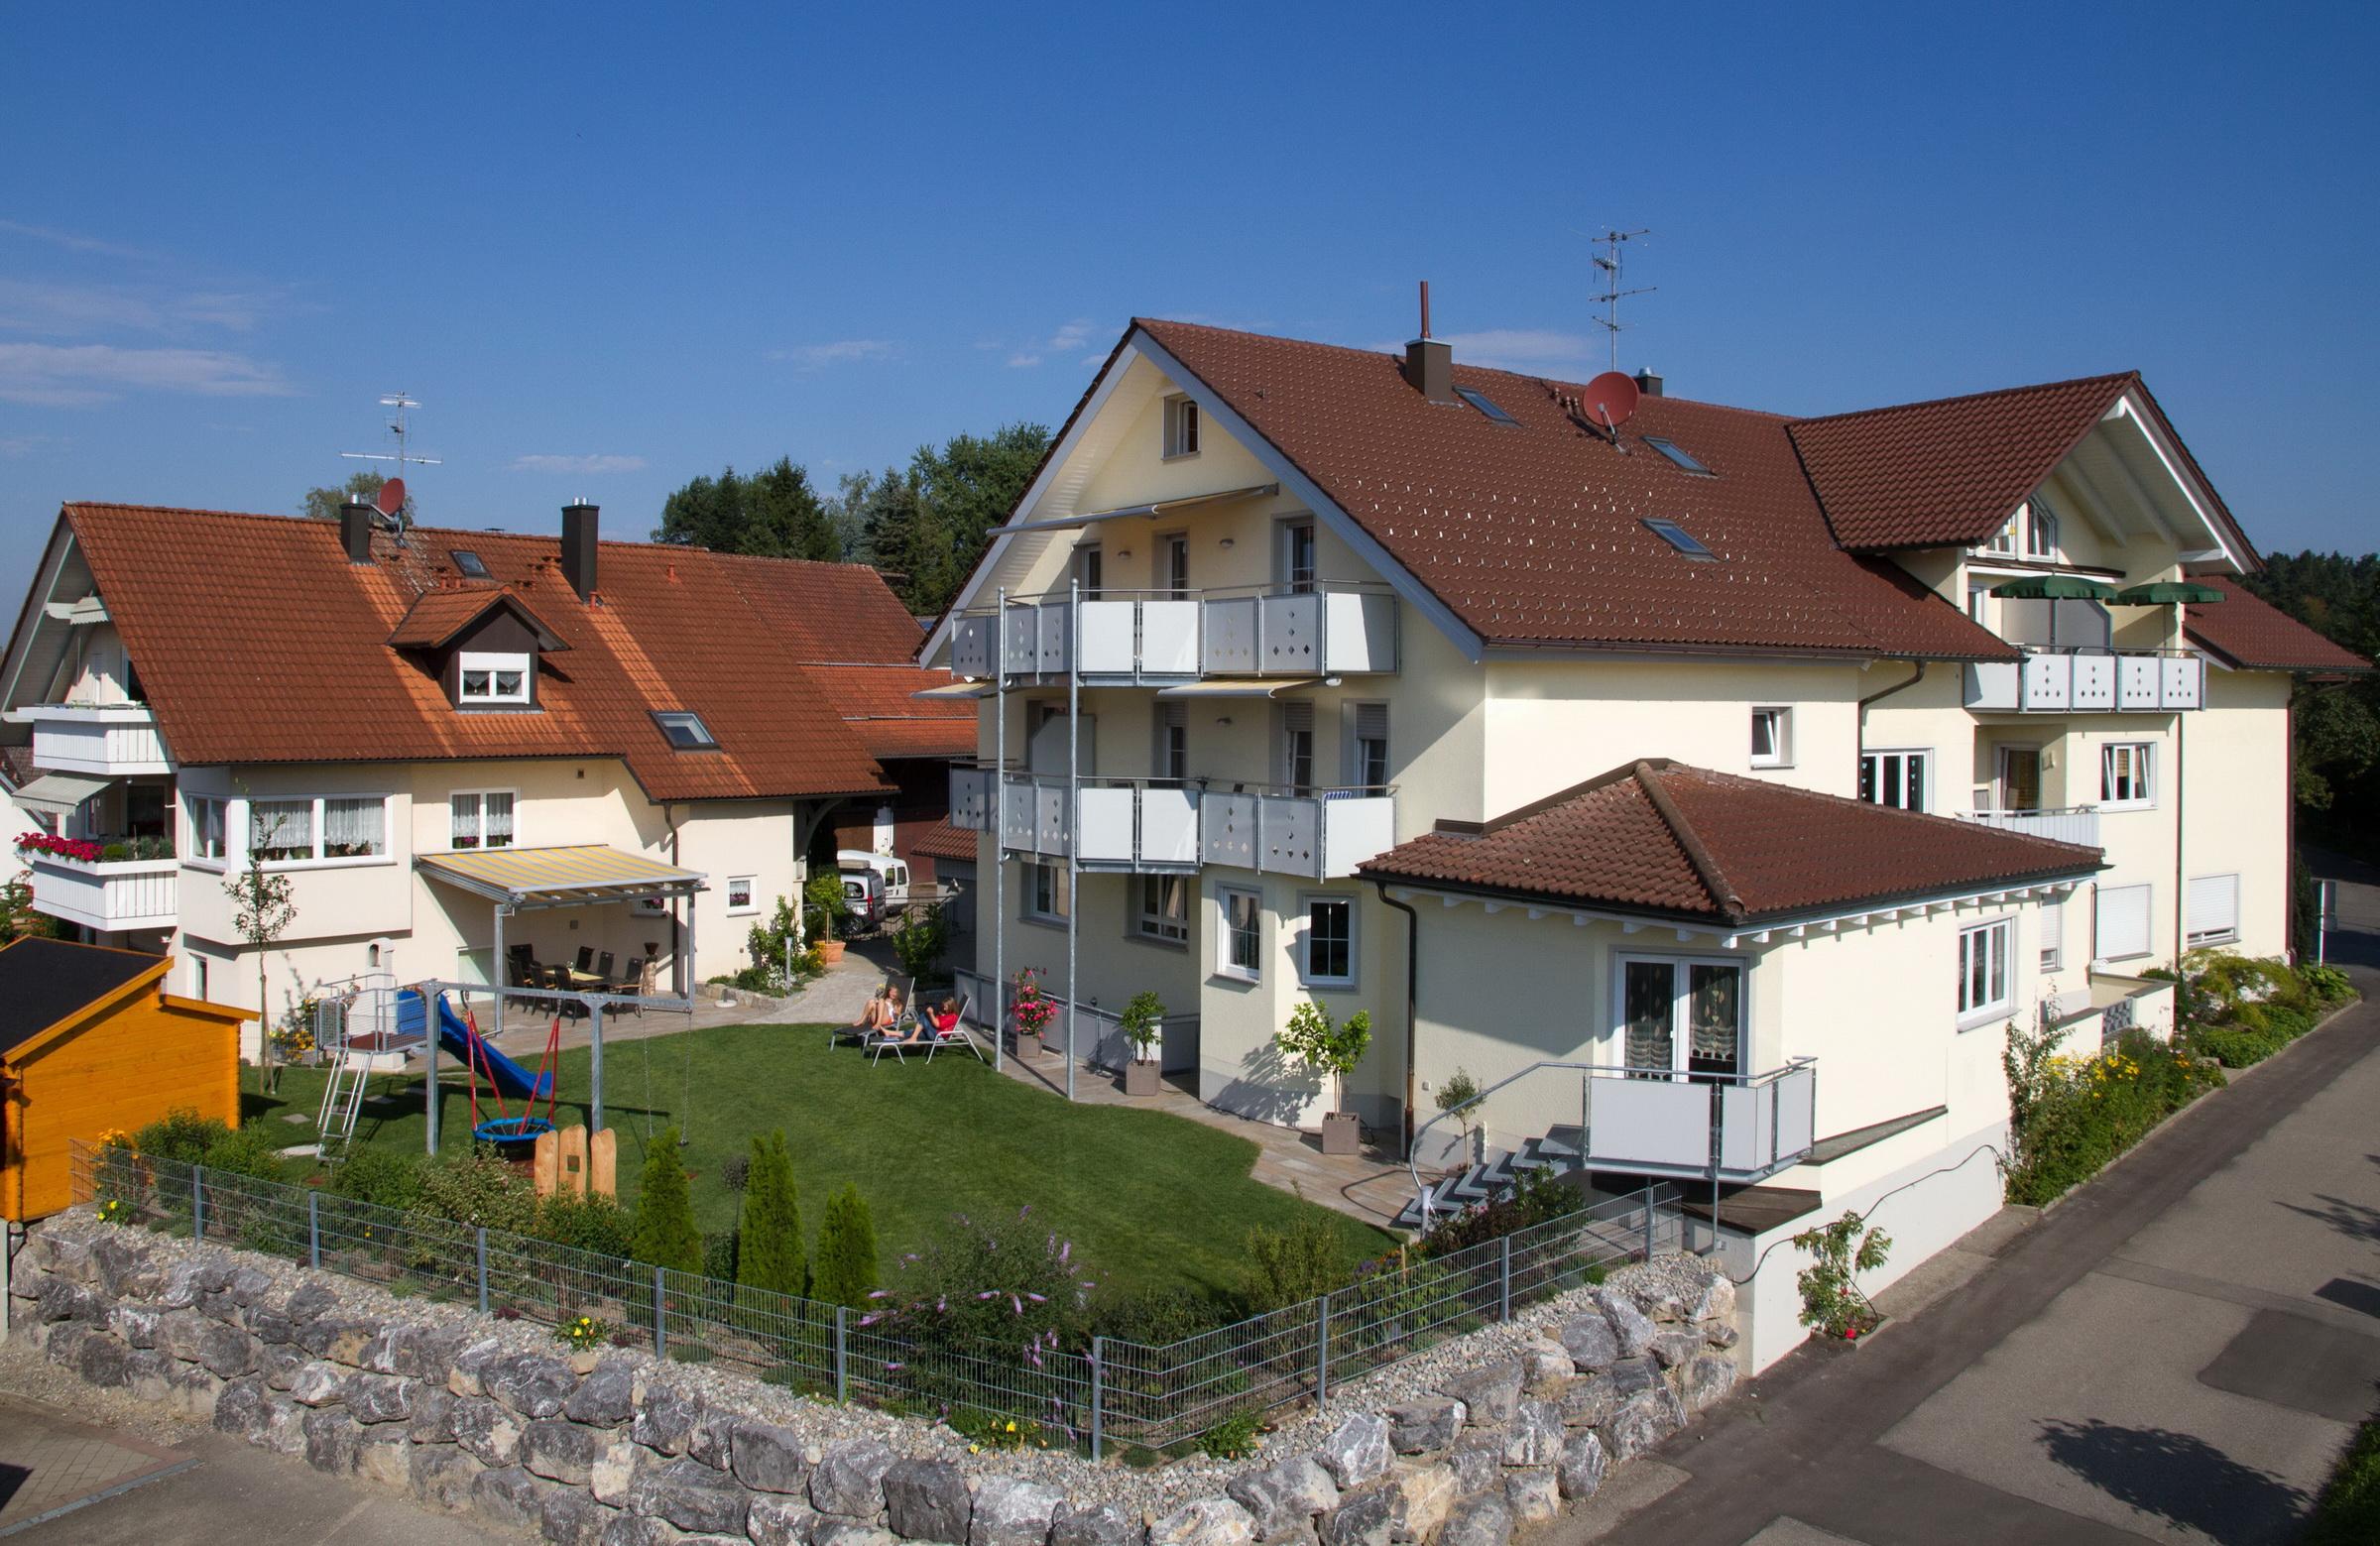 Obst- und Ferienhof Witzigmann, (Wasserburg (Boden